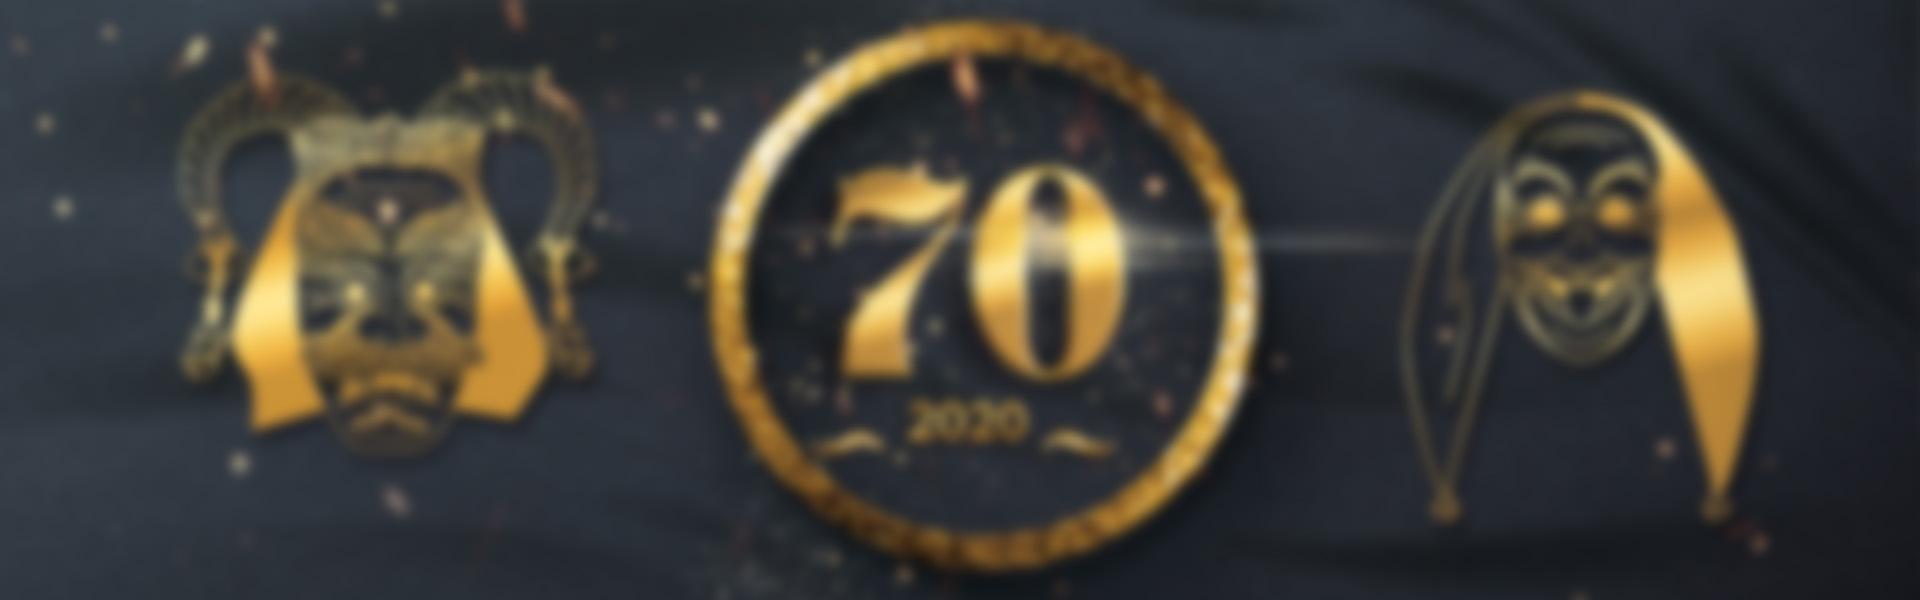 Zunftball 2020 – Die Geburtstagsparty